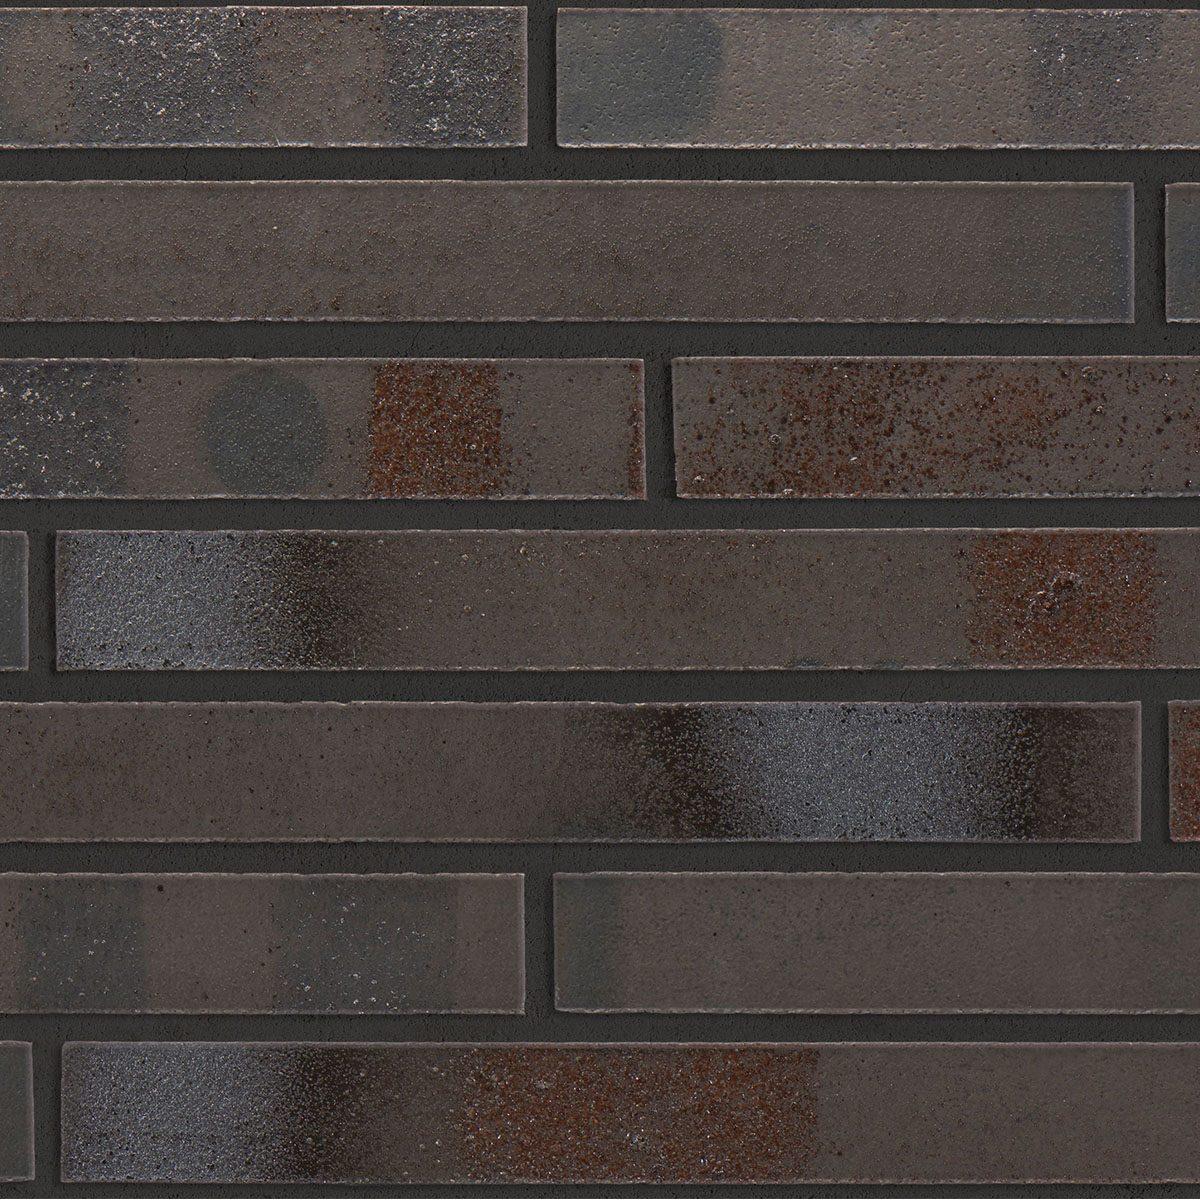 KLAY Tiles Facades - KLAY_SBR-2106_MoorBrown